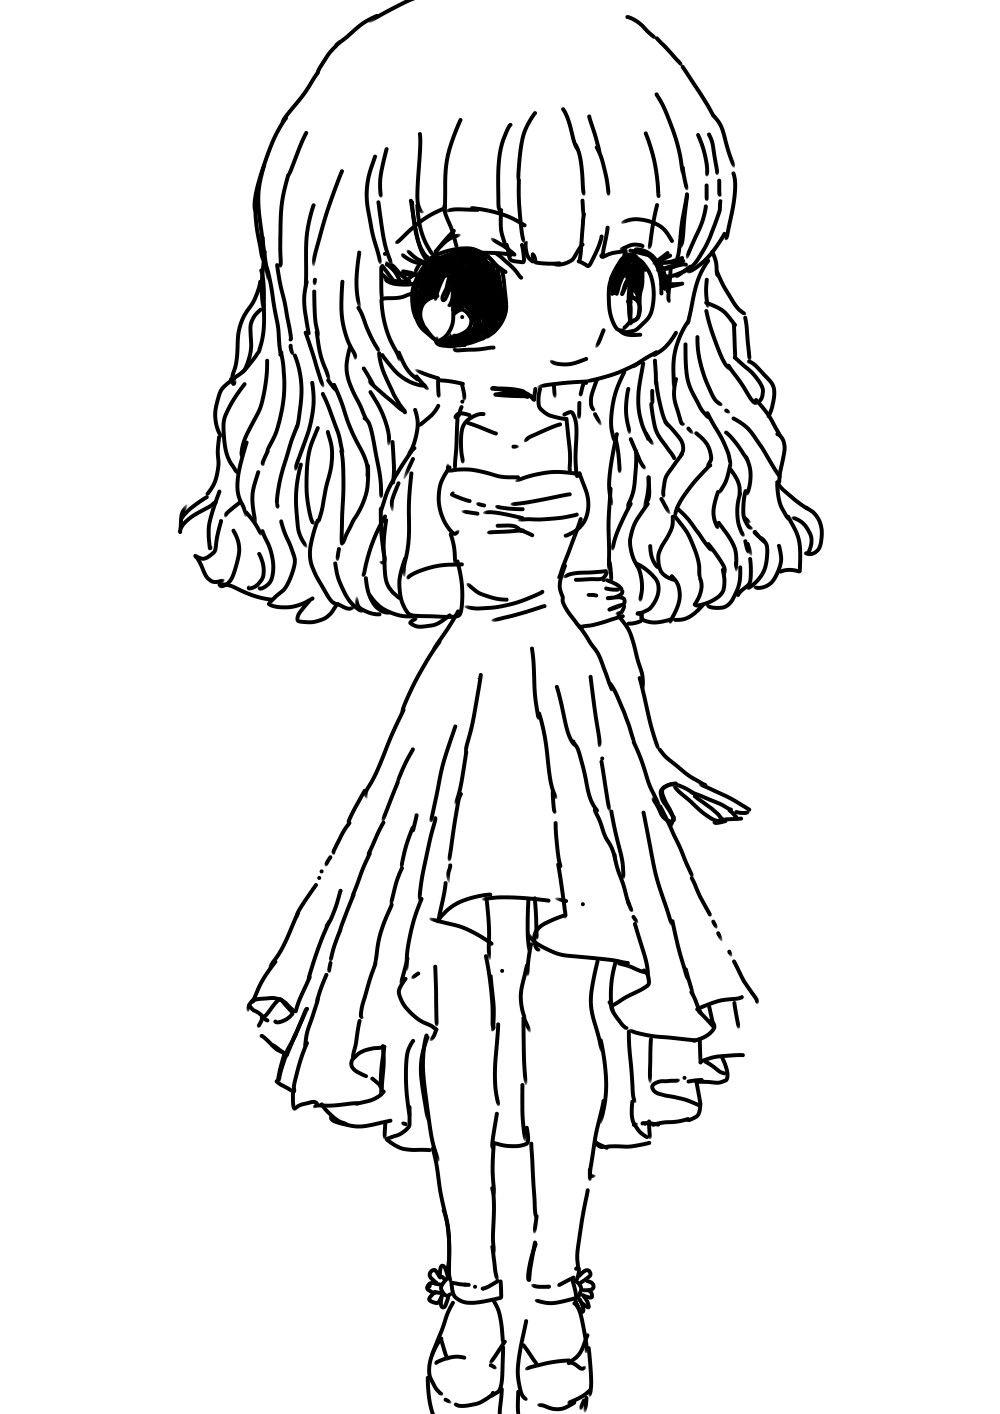 #аниме#арт#девочка | Раскраски, Рисунки и Цифровые штампы